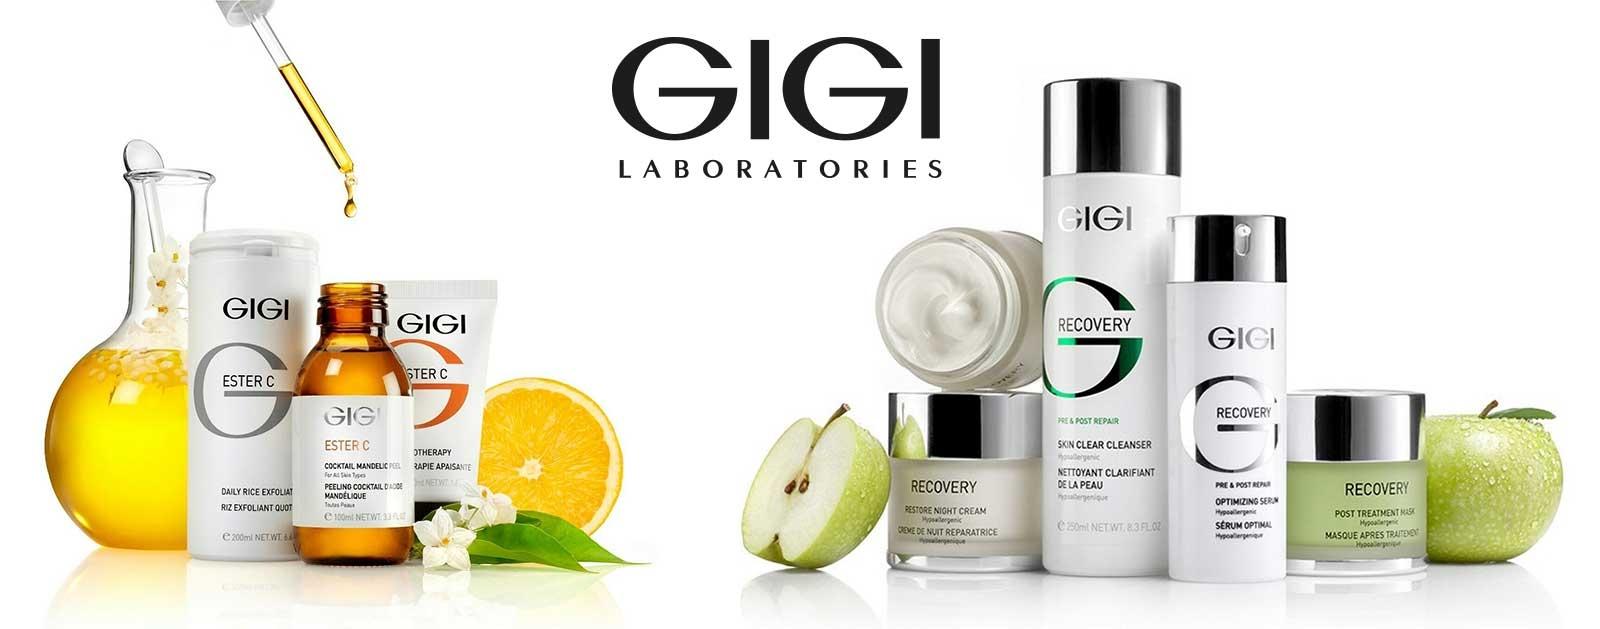 Kosmeetika GIGI